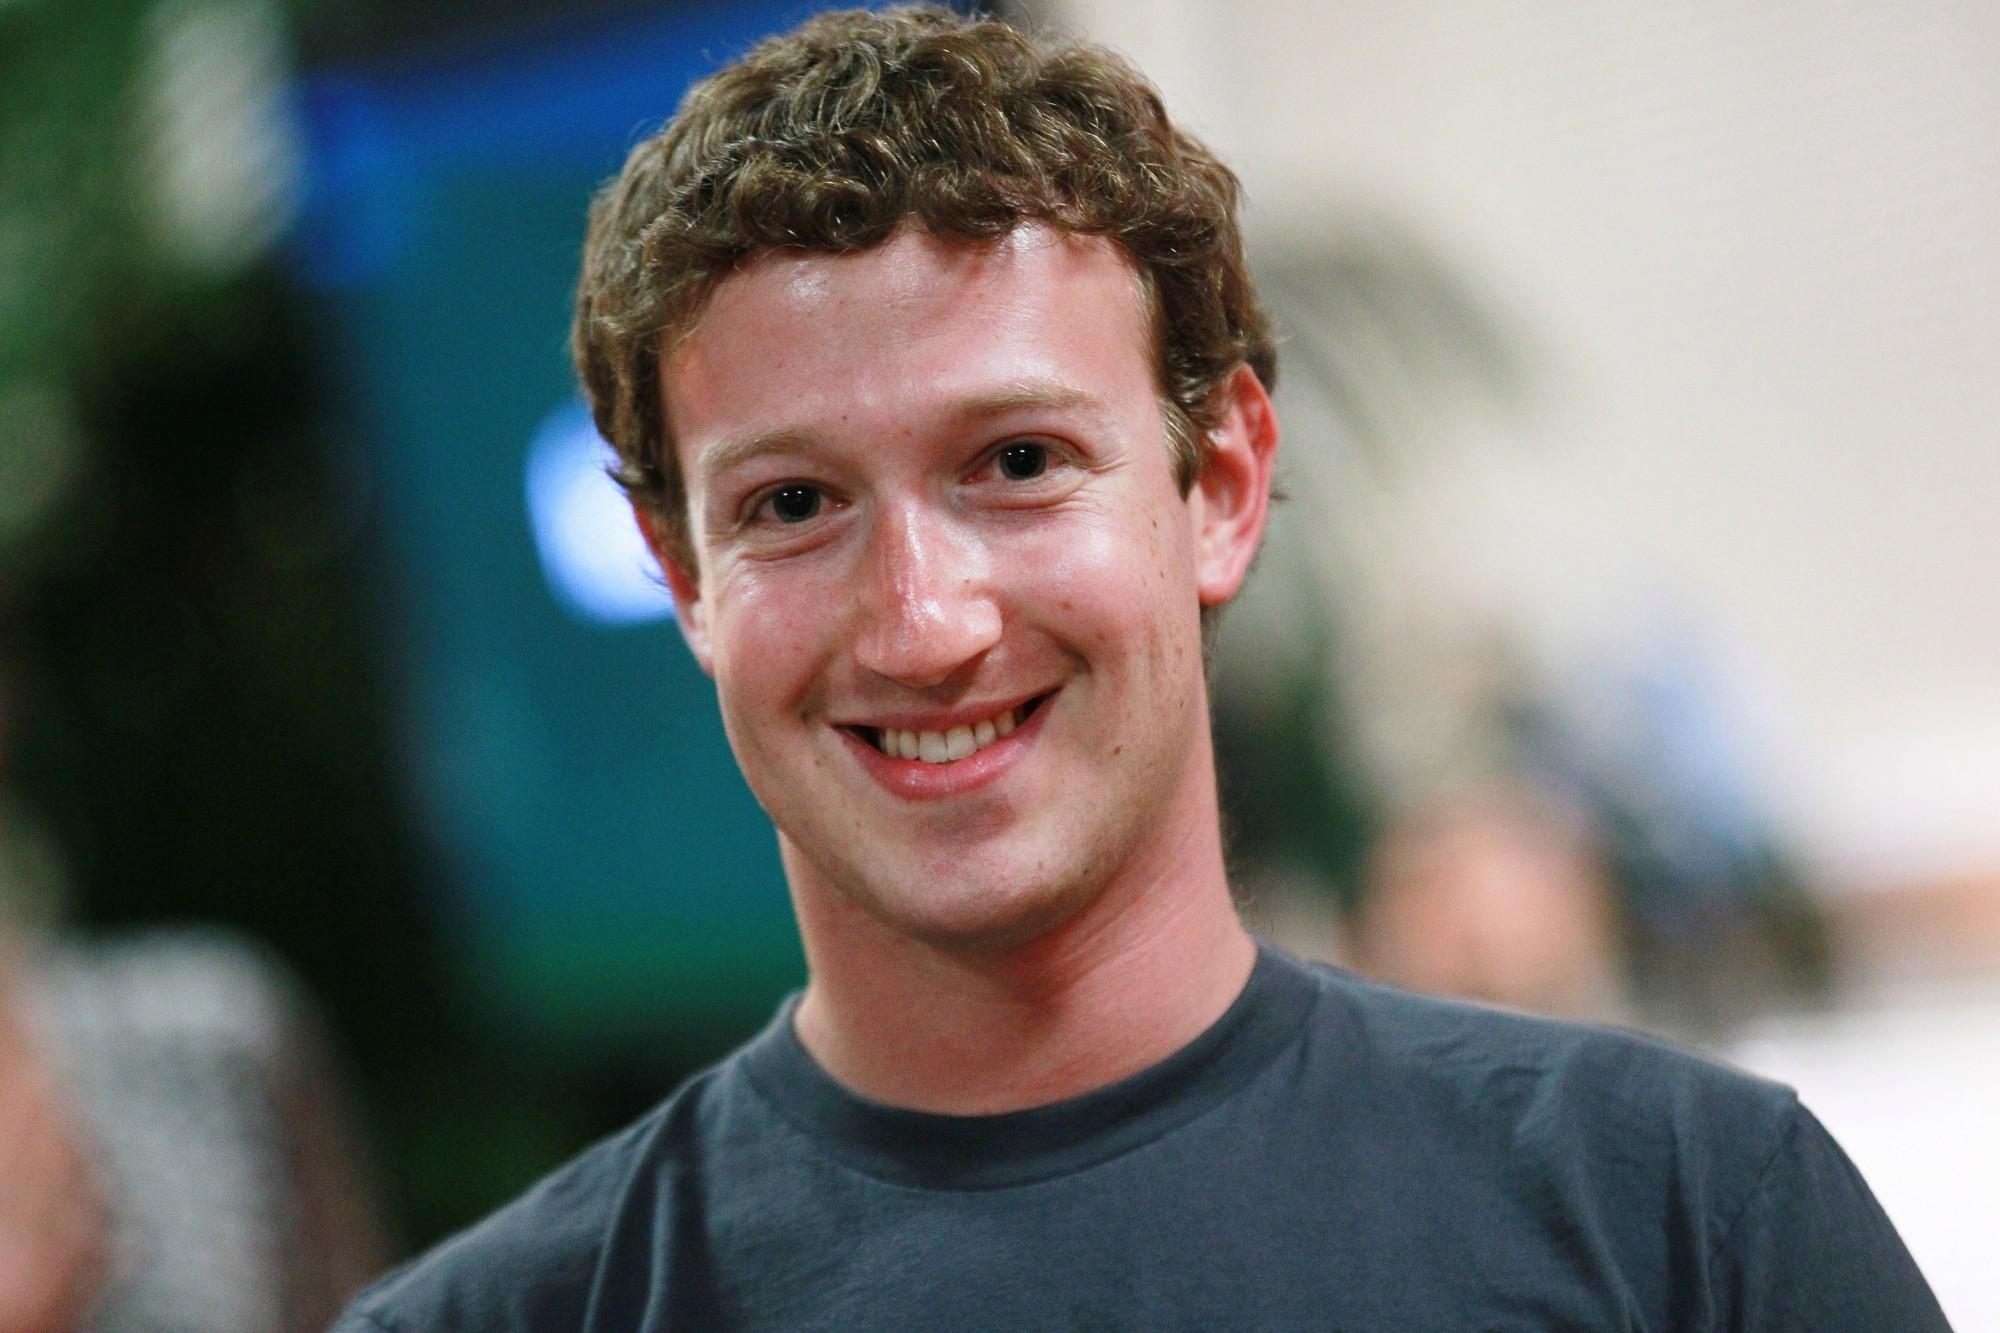 Марк Цукерберг раскрыл замысел вотношении социальная сеть Facebook